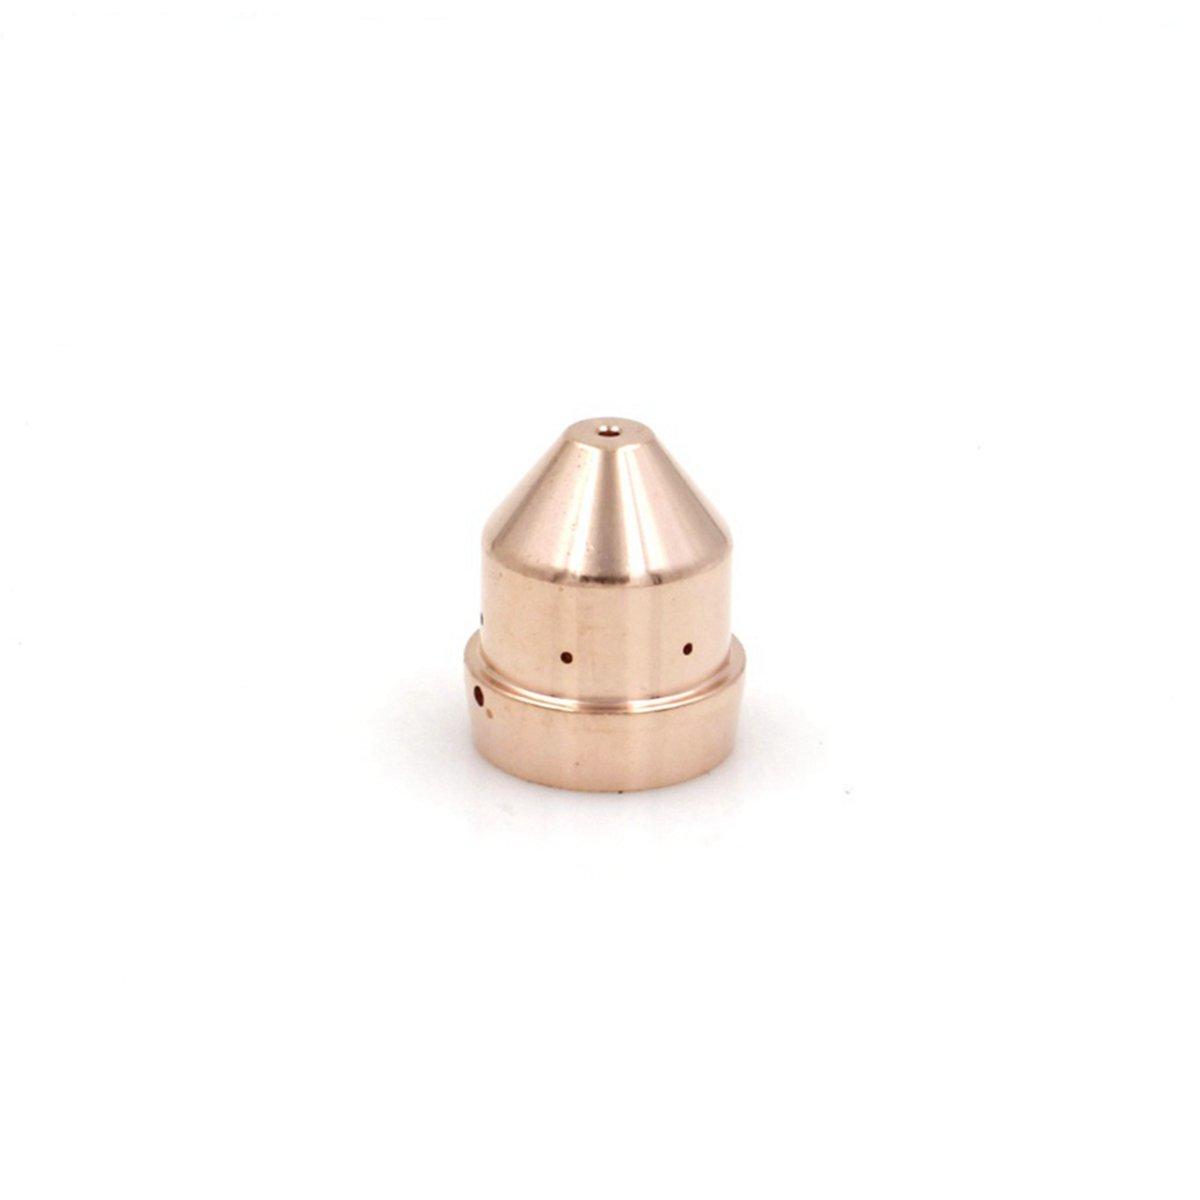 Plasma Cutting Tip//Nozzle 0558002618 Diameter 1.2mm 0.047 Fit ESAB PT-32 Torch PK-10